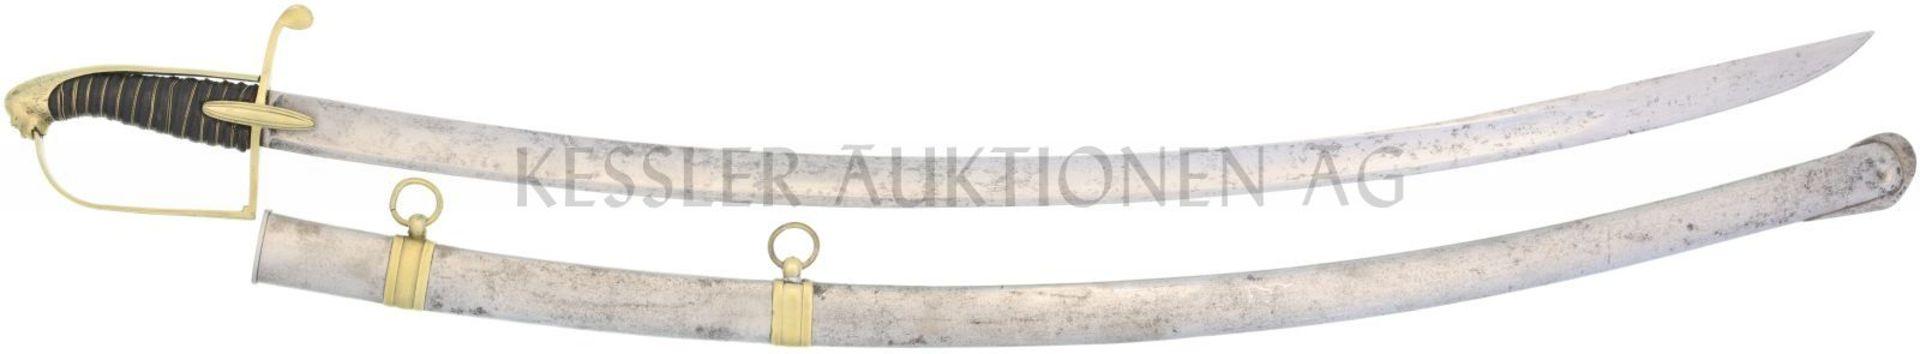 Offizierssäbel Deutsch Kavallerie um 1820 KL 850mm, TL 975mm, Rückenklinge mit beidseitiger